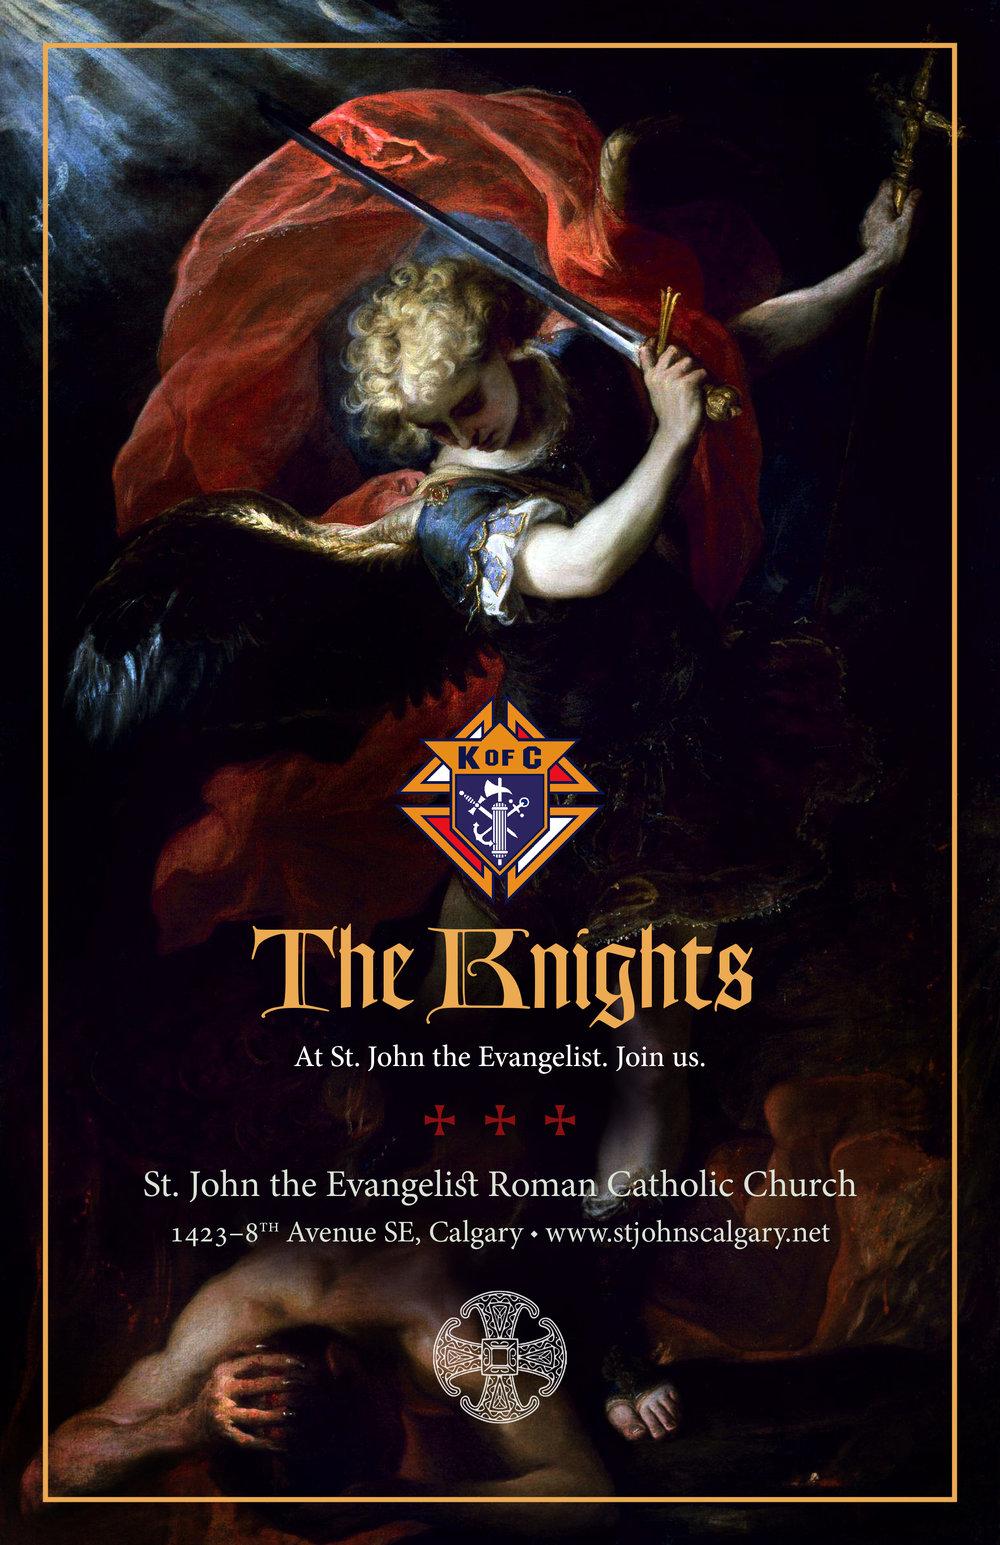 KnightsPoster.jpg